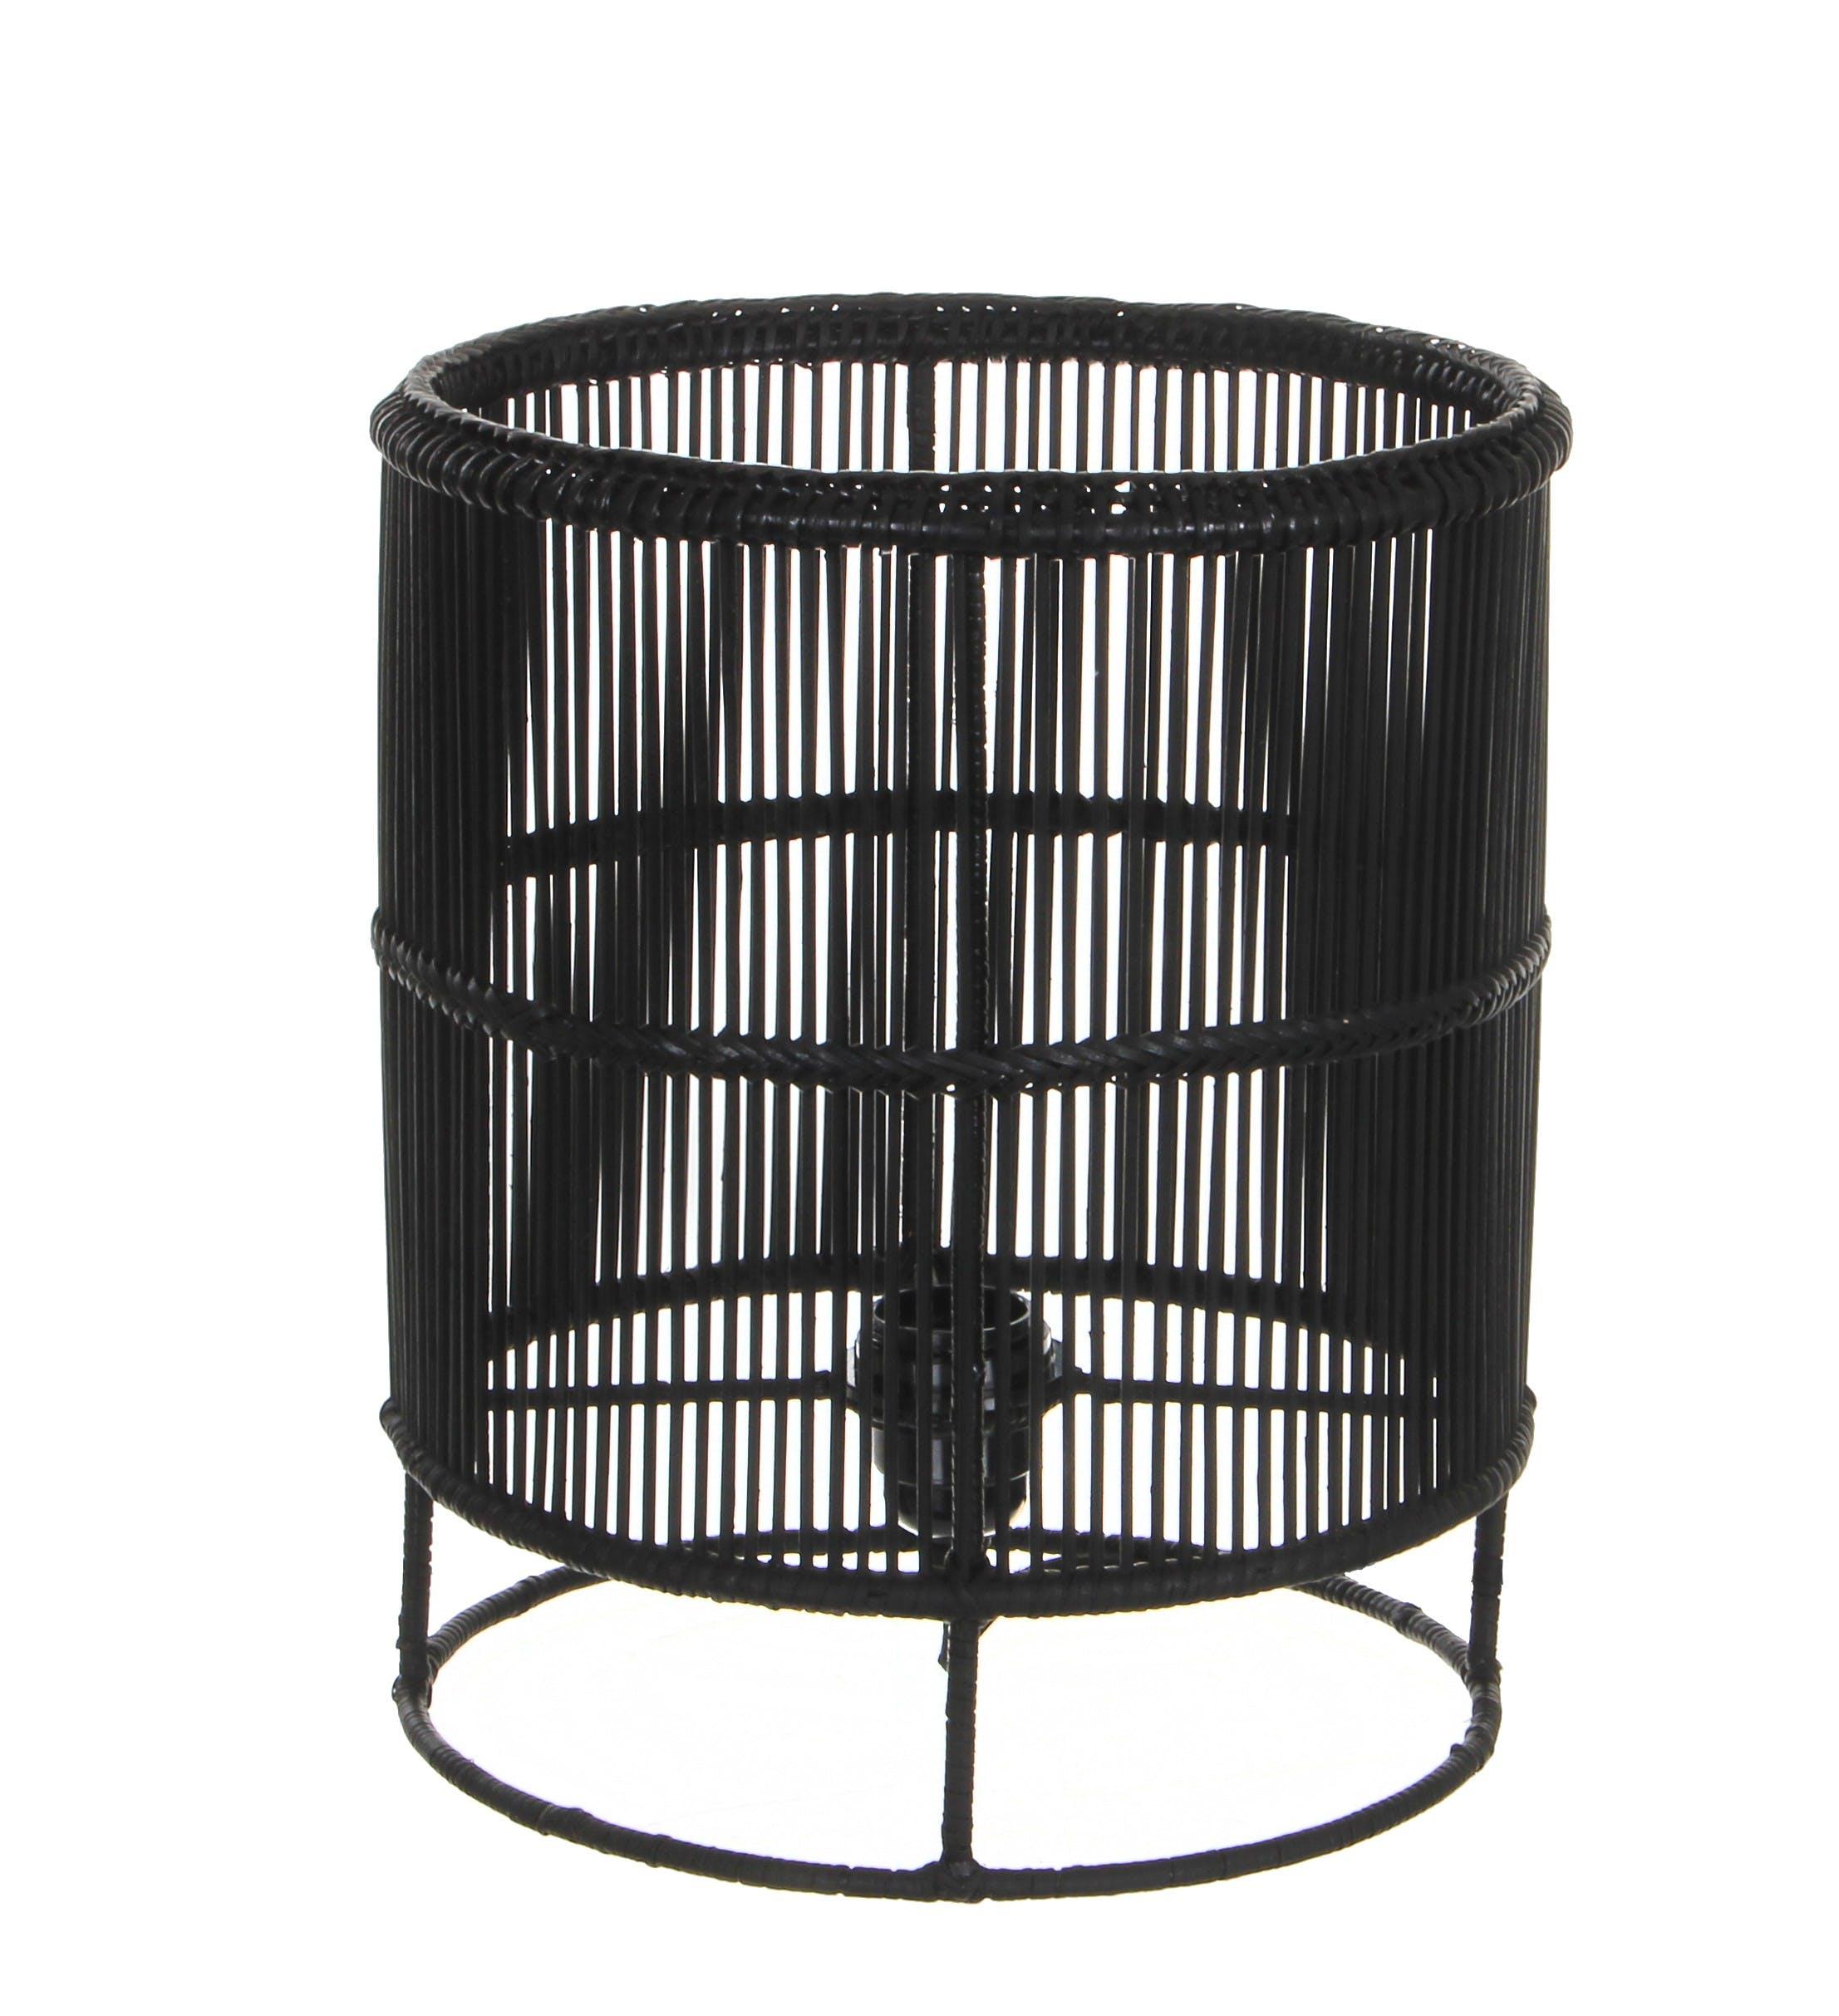 Lampe Cylindre en métal filaire ajouré noir D25xH30cm